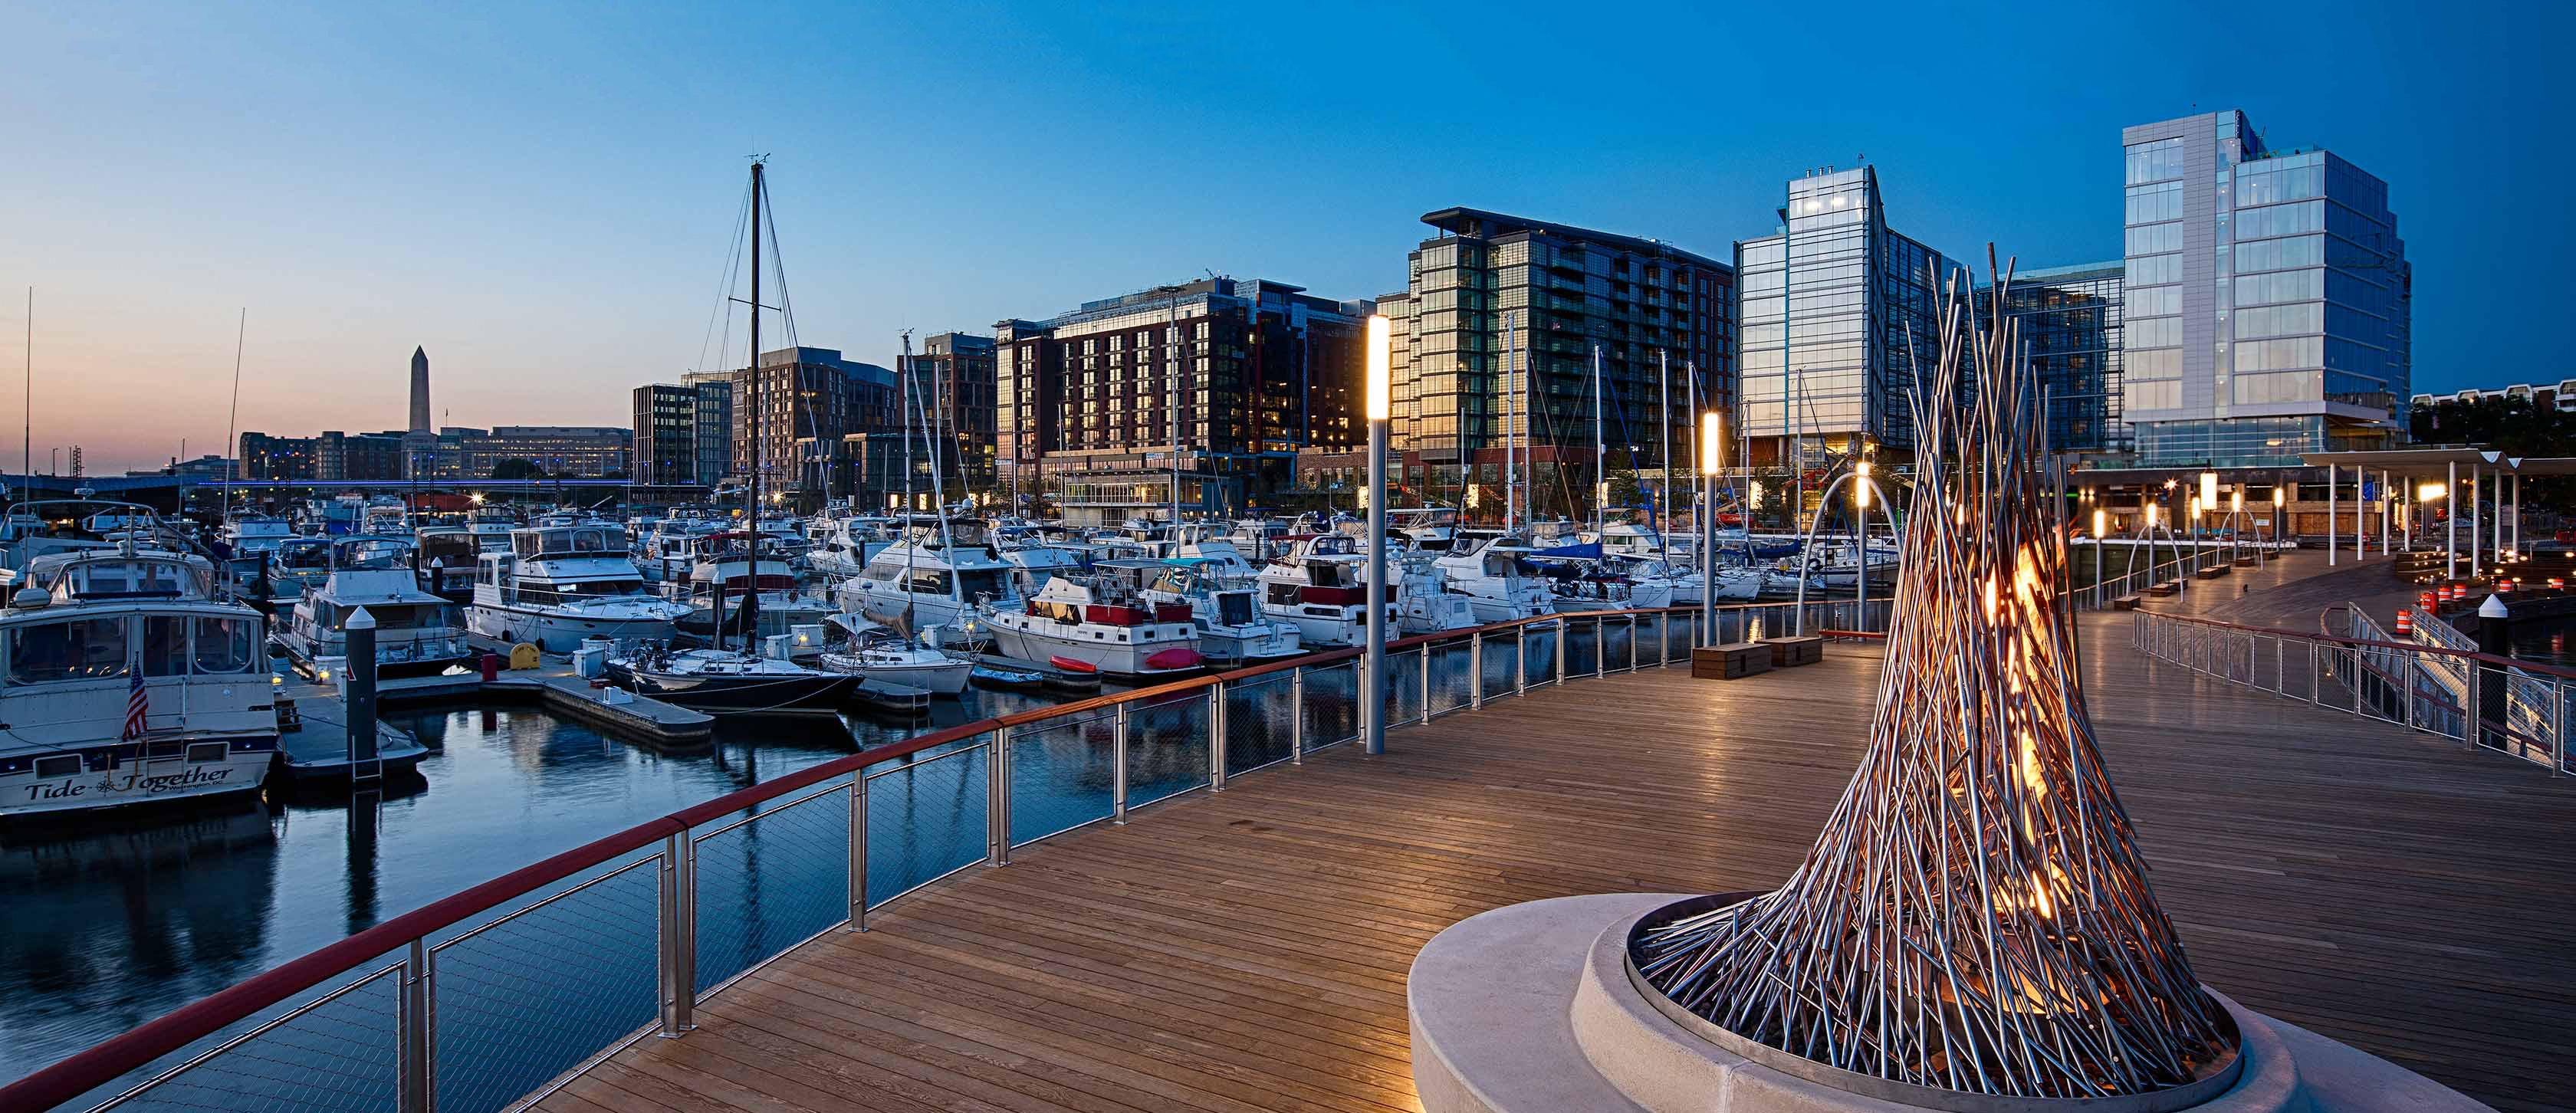 District Wharf